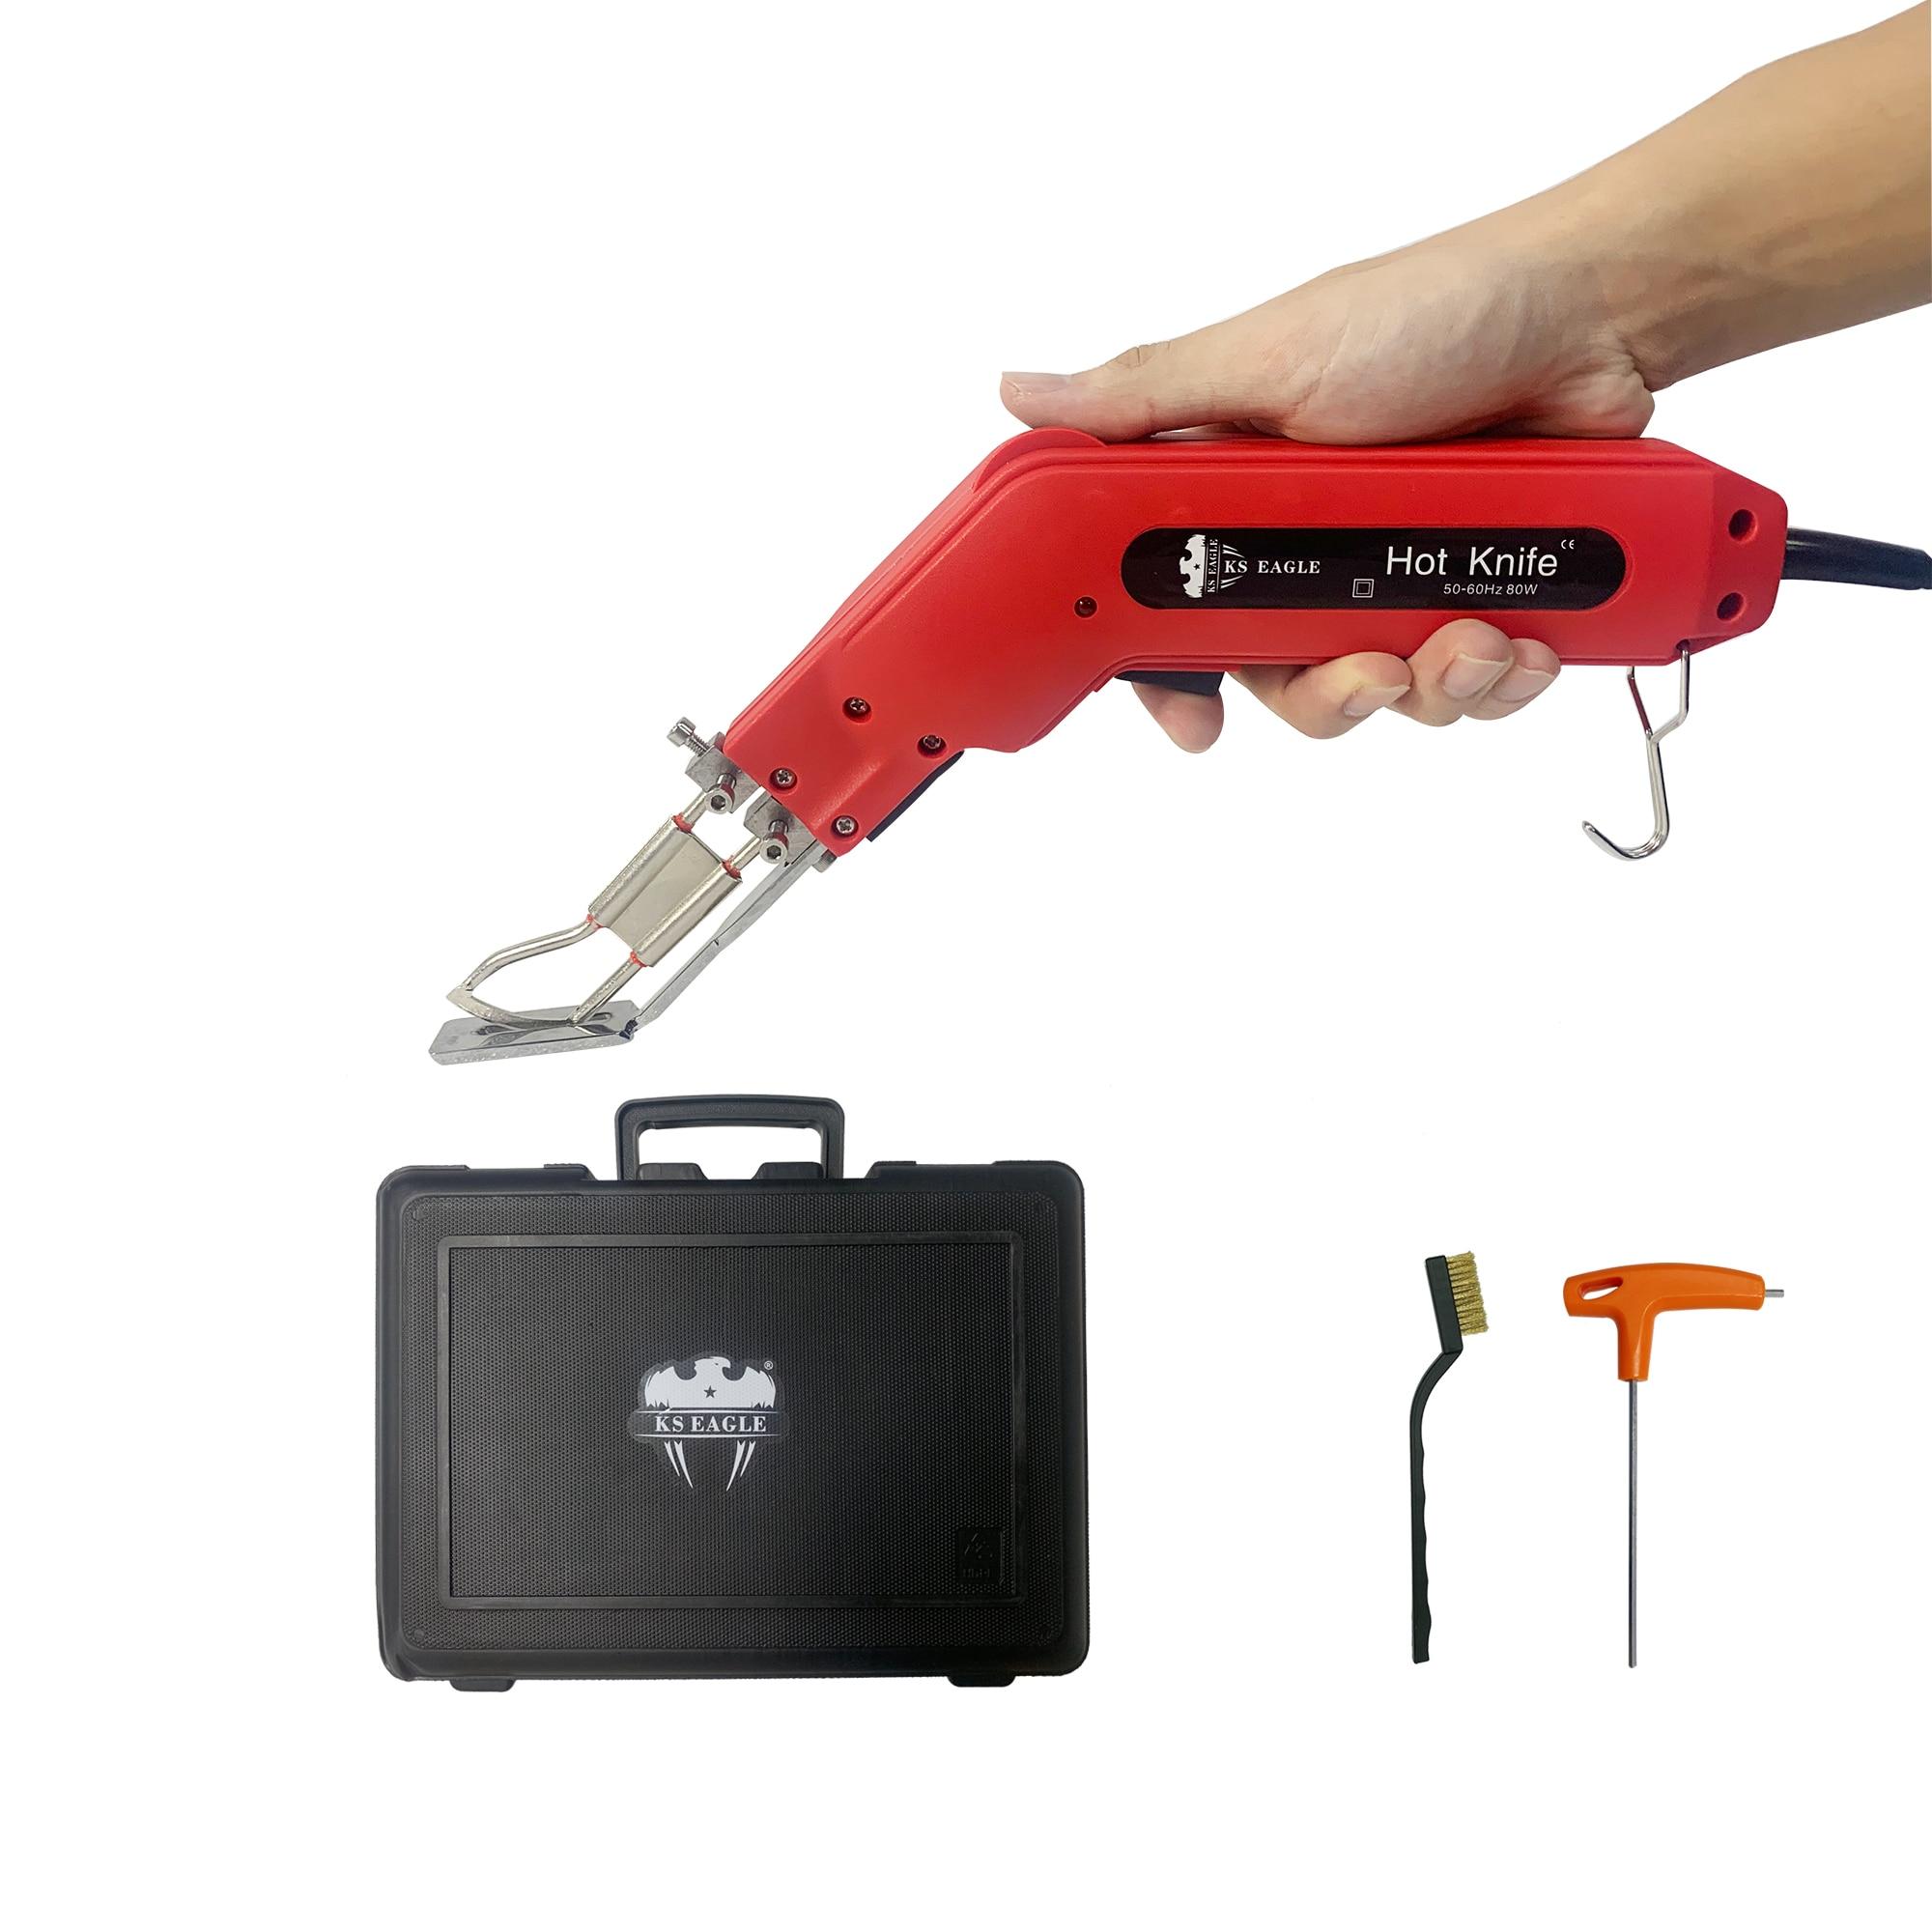 Электрический горячий нож Ks Eagle, нож для резки ткани 80 Вт, для резки ткани/веревки/пластика/акрила и уплотнения синтетических тканей